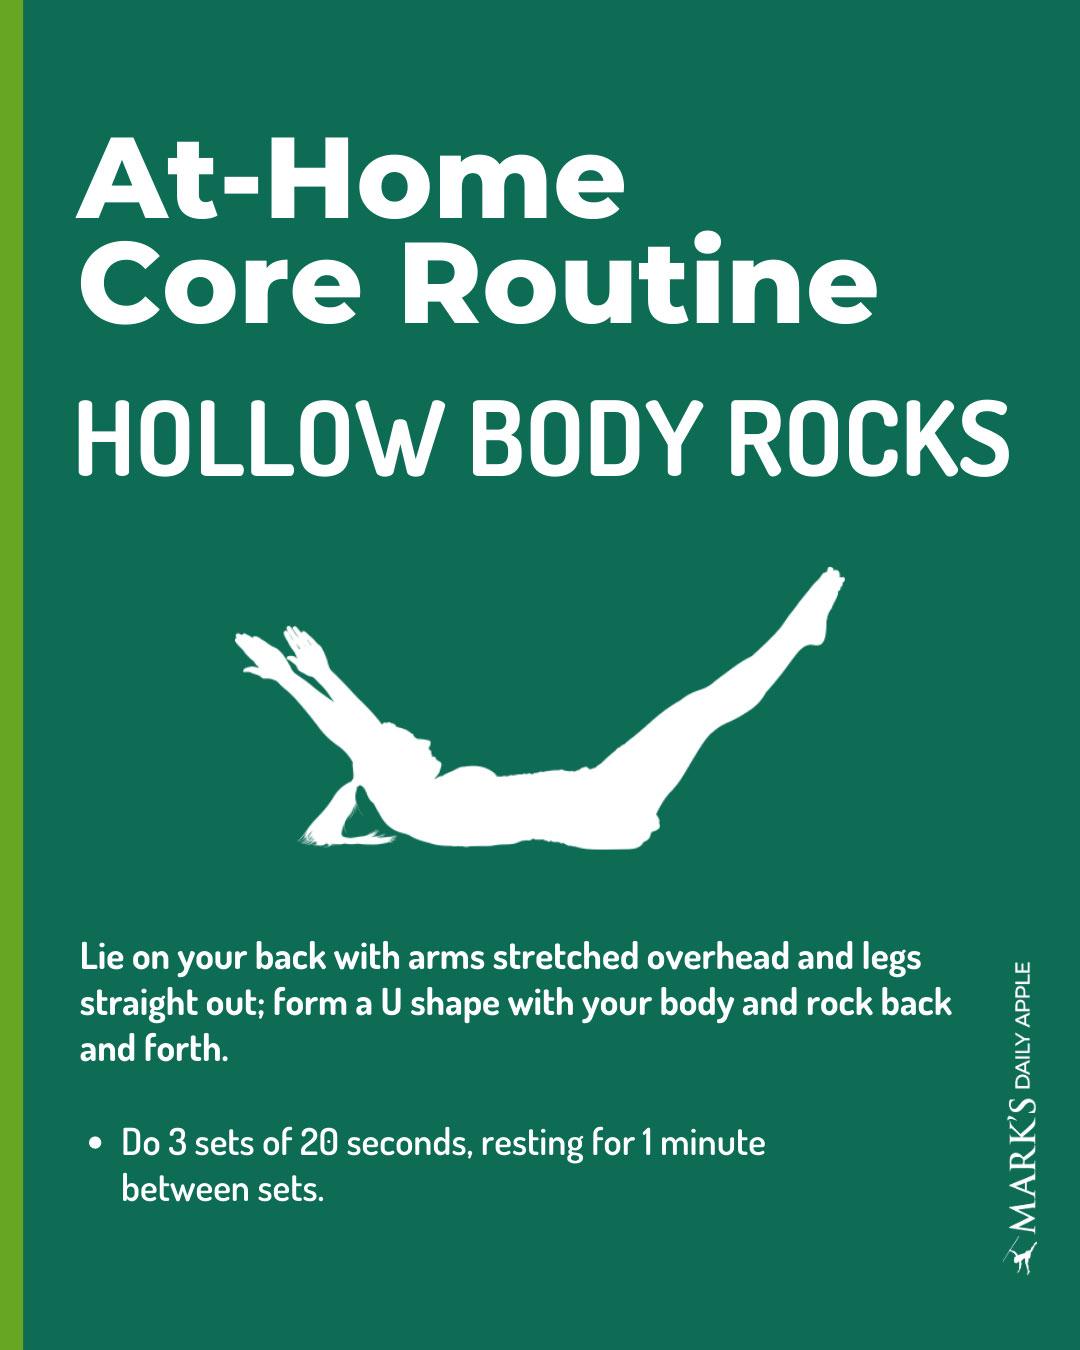 hollow body rocks core workout